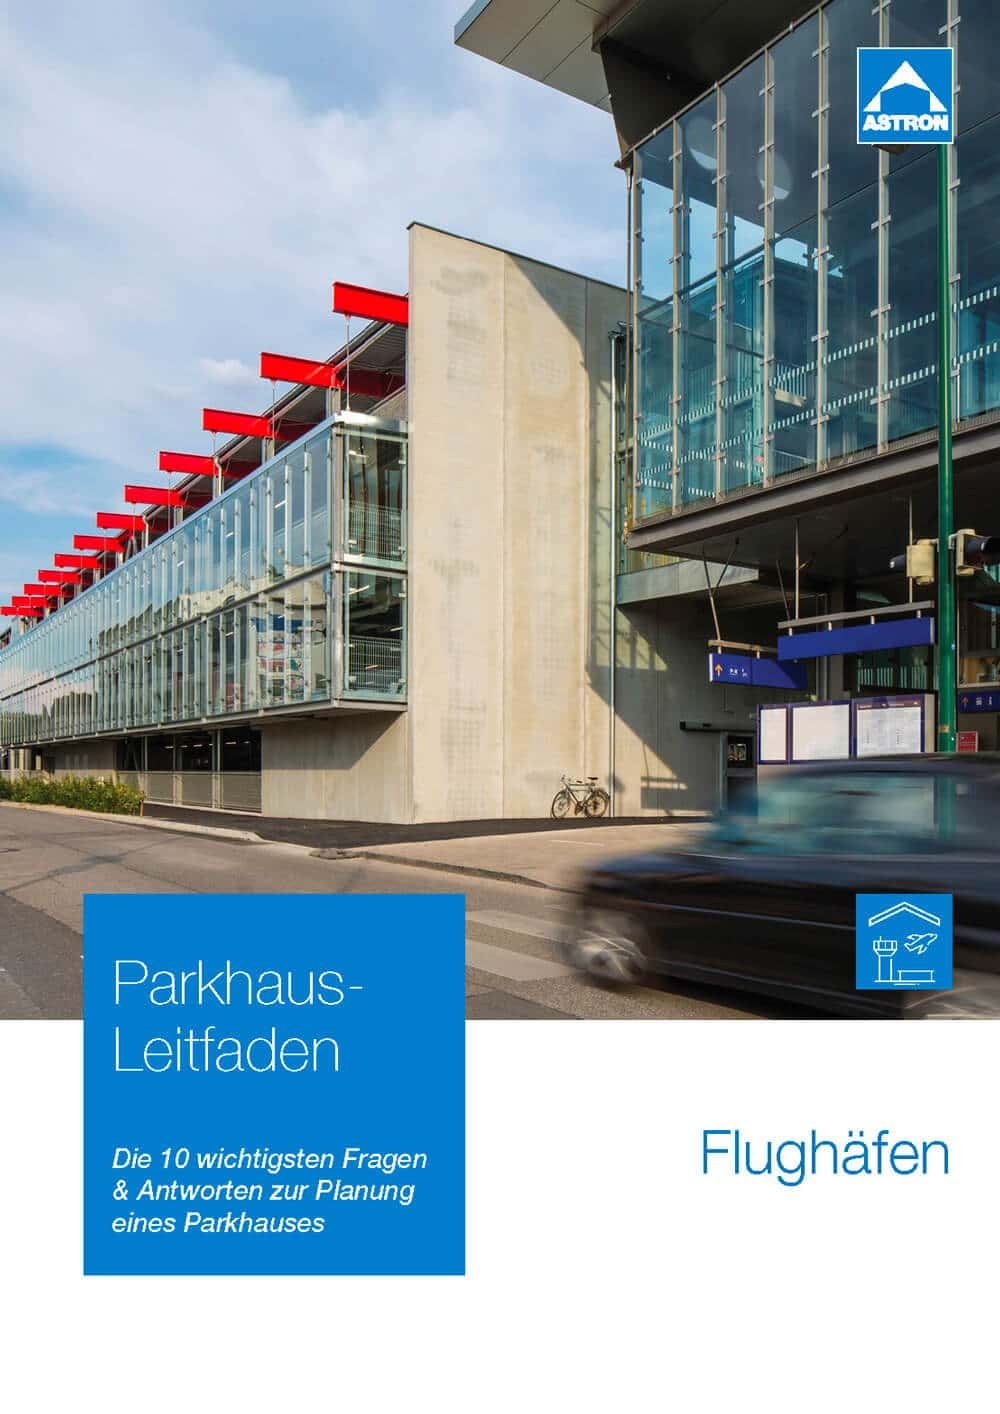 Leitfaden zur Parkhaus-Planung für Flughäfen und Bahnhöfe